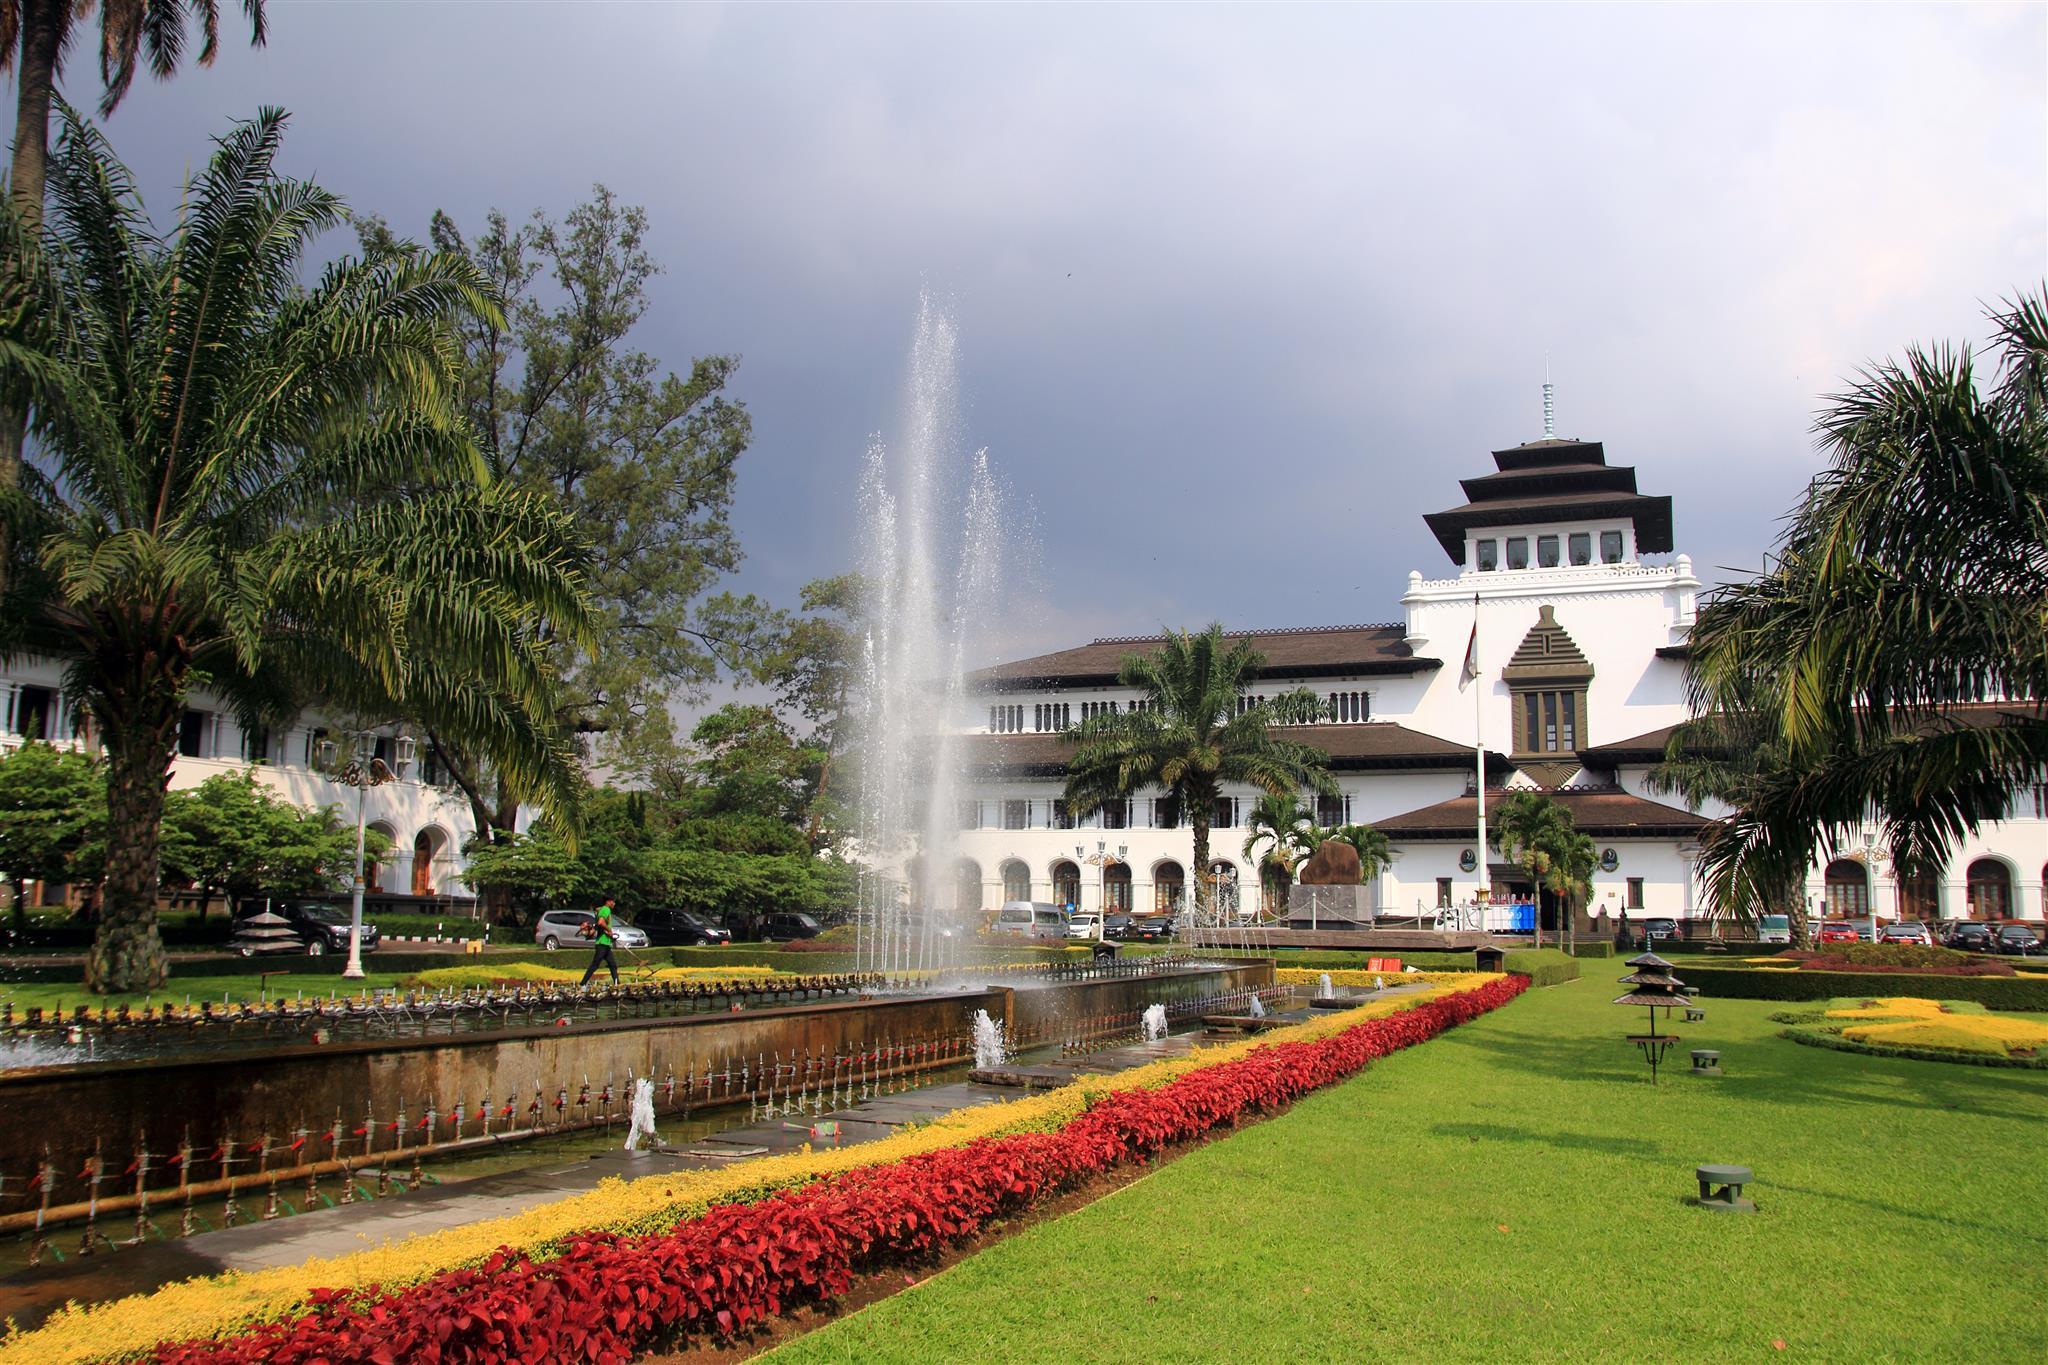 Lodaya 99, Bandung